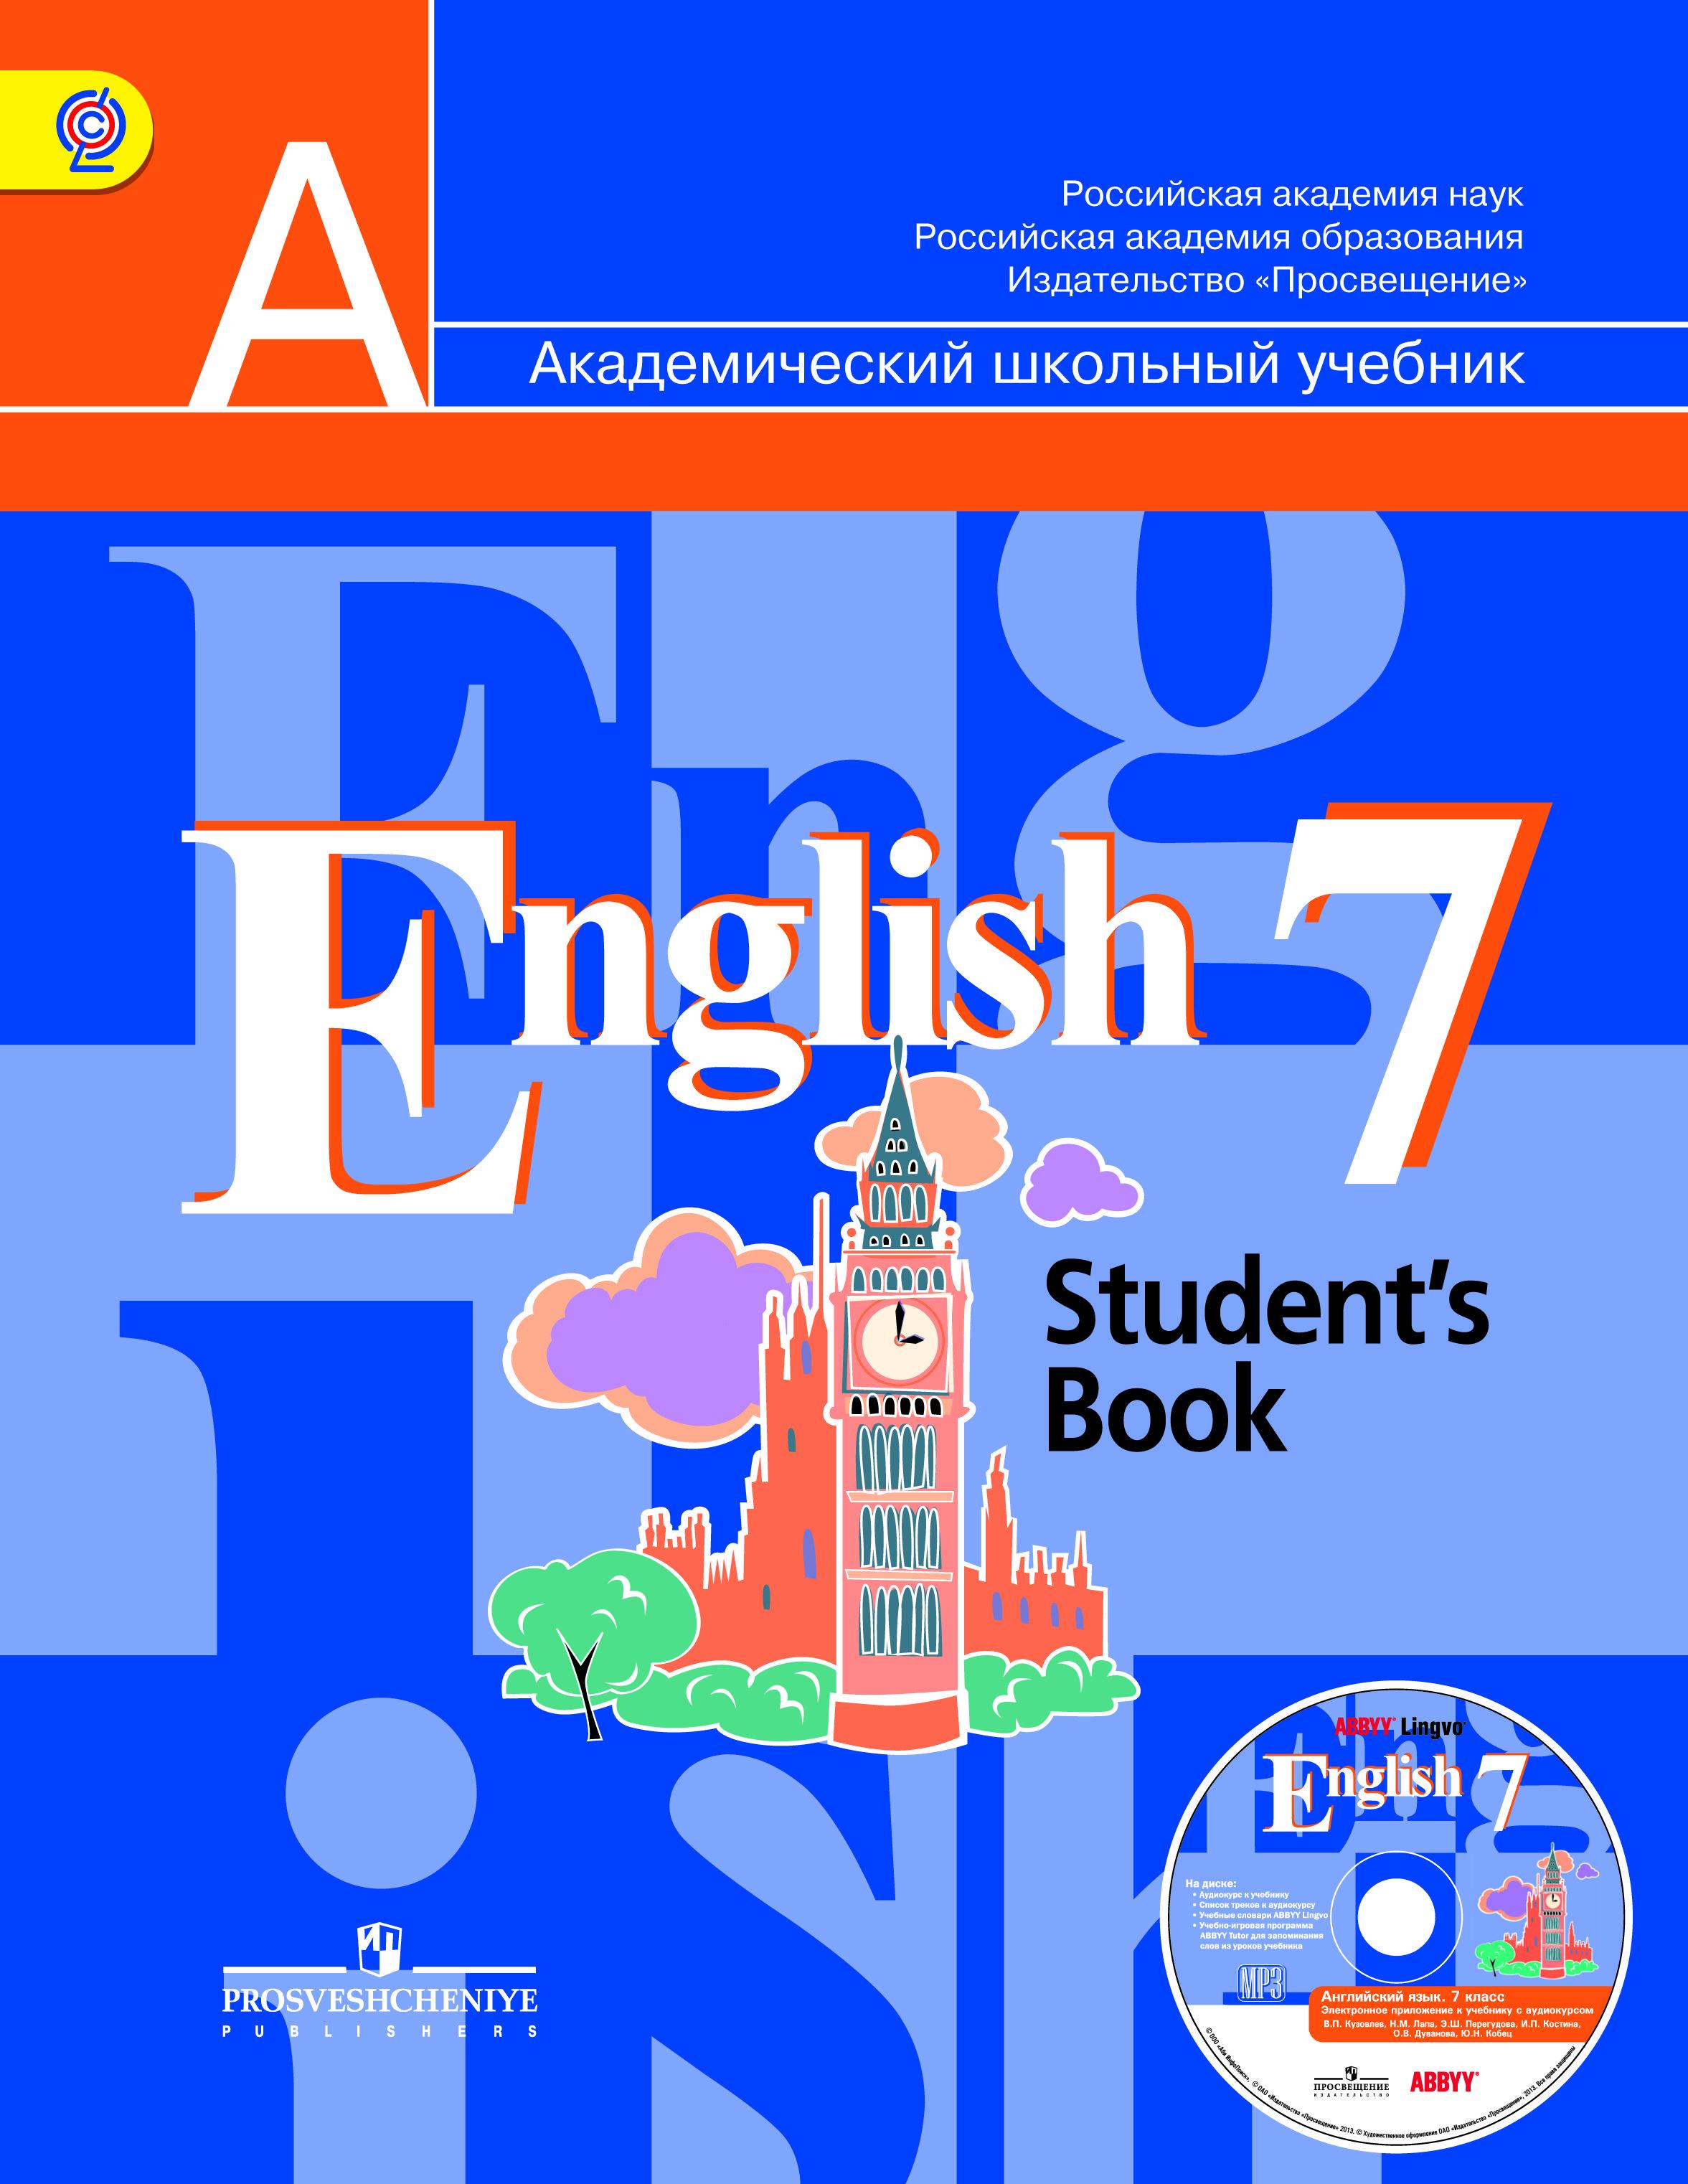 Гдз по английскому языку за 7 класс, решебники и ответы онлайн.